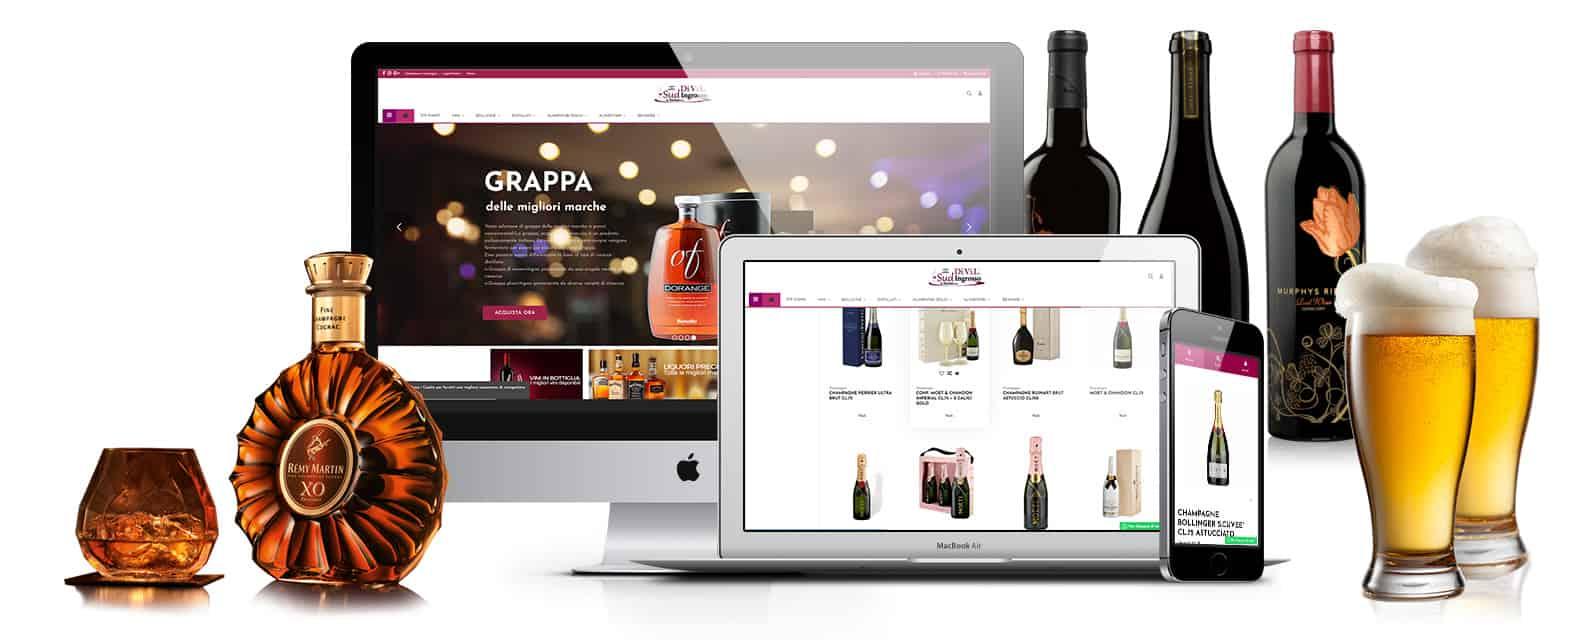 sudingrosso sito ecommerce napoli alimentari - Creazione sito Ecommerce Cash and Carry Napoli - Sudingrosso - Web Agency Napoli Flashex